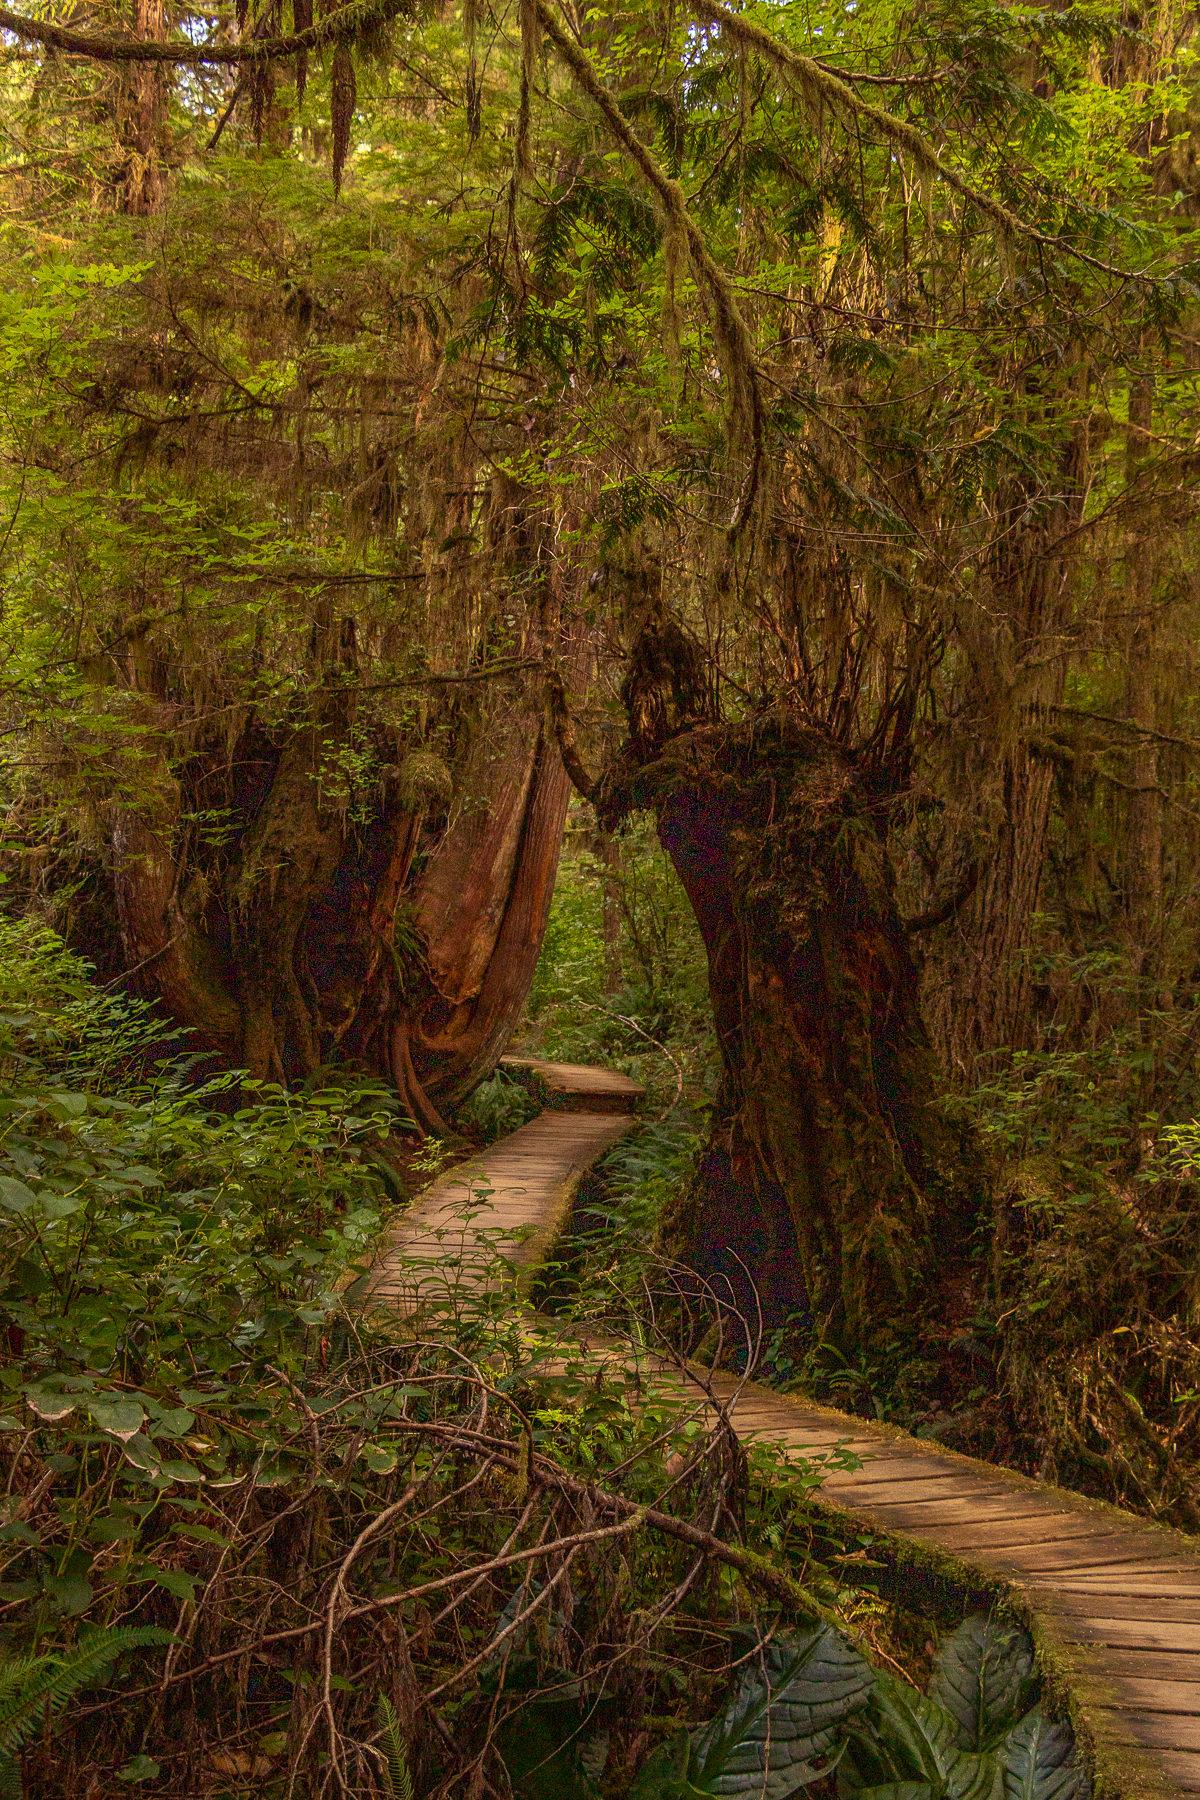 Irgendwie mystisch, dieser Weg durch den Wald an der Kanadischen Westküste.